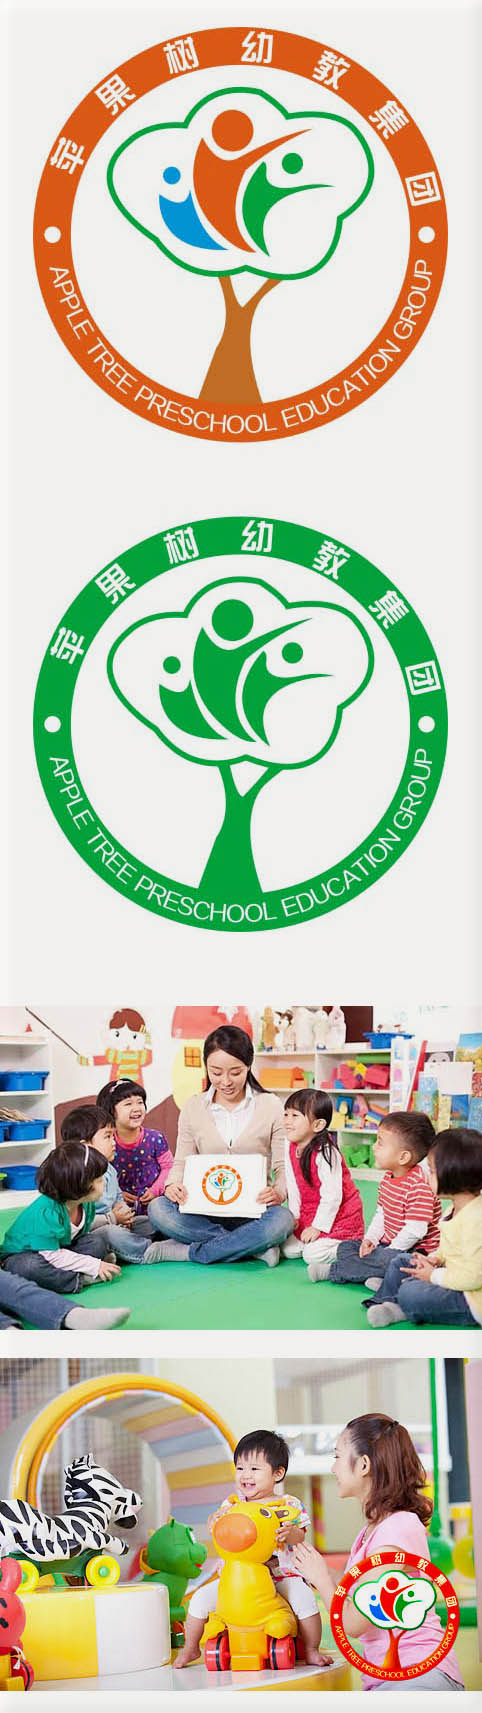 苹果树幼教集团logo征集